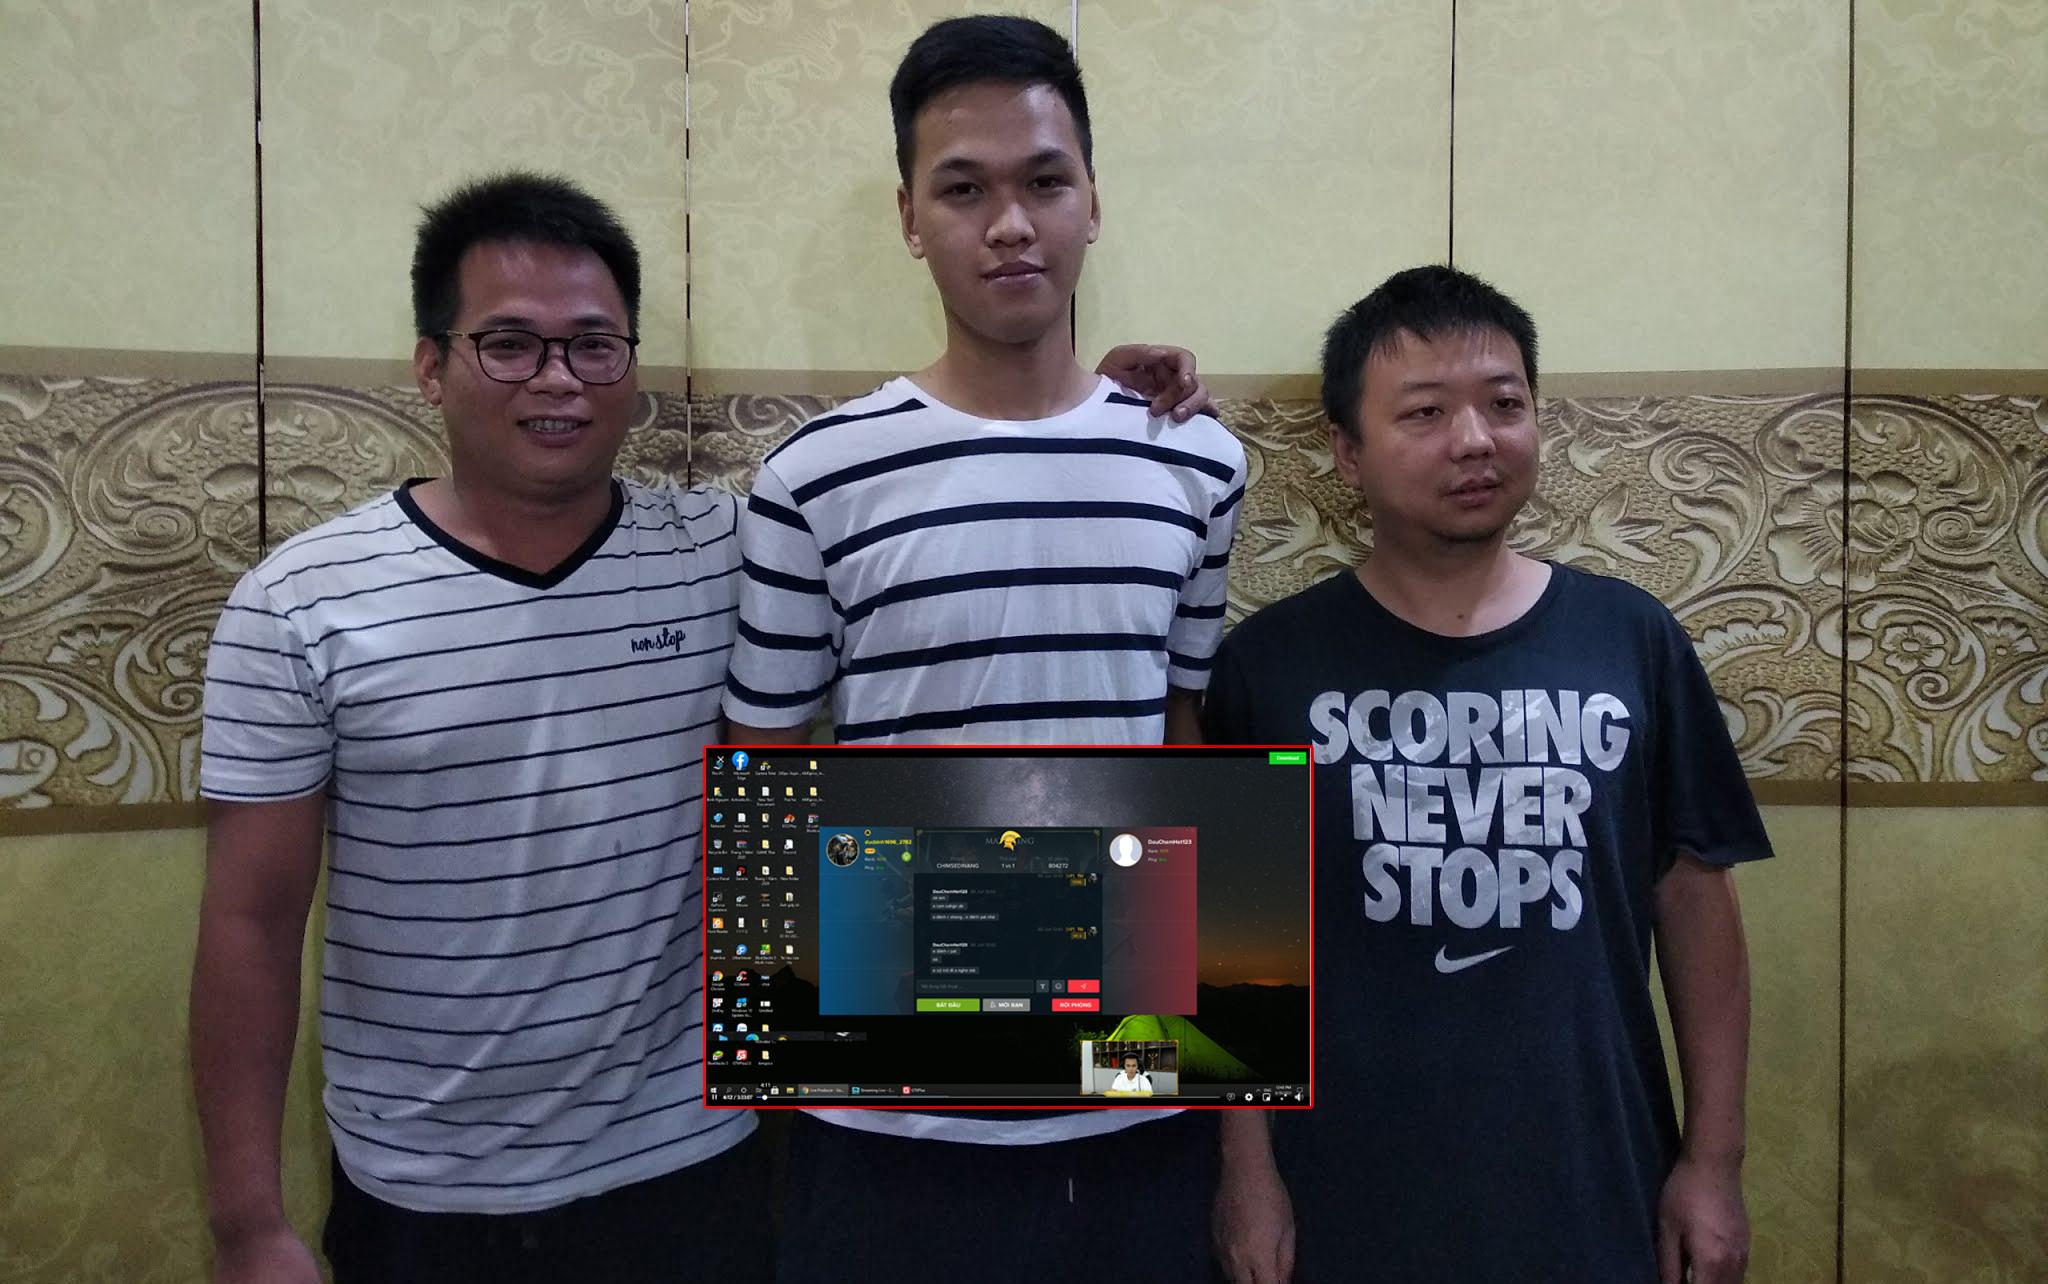 Bản Tin AoE ngày 01/07: Mở kèo chấp trên GTV Plus 2.0, Chim Sẻ Đi Nắng bất ngờ nhận thất bại trước một game thủ bán chuyên